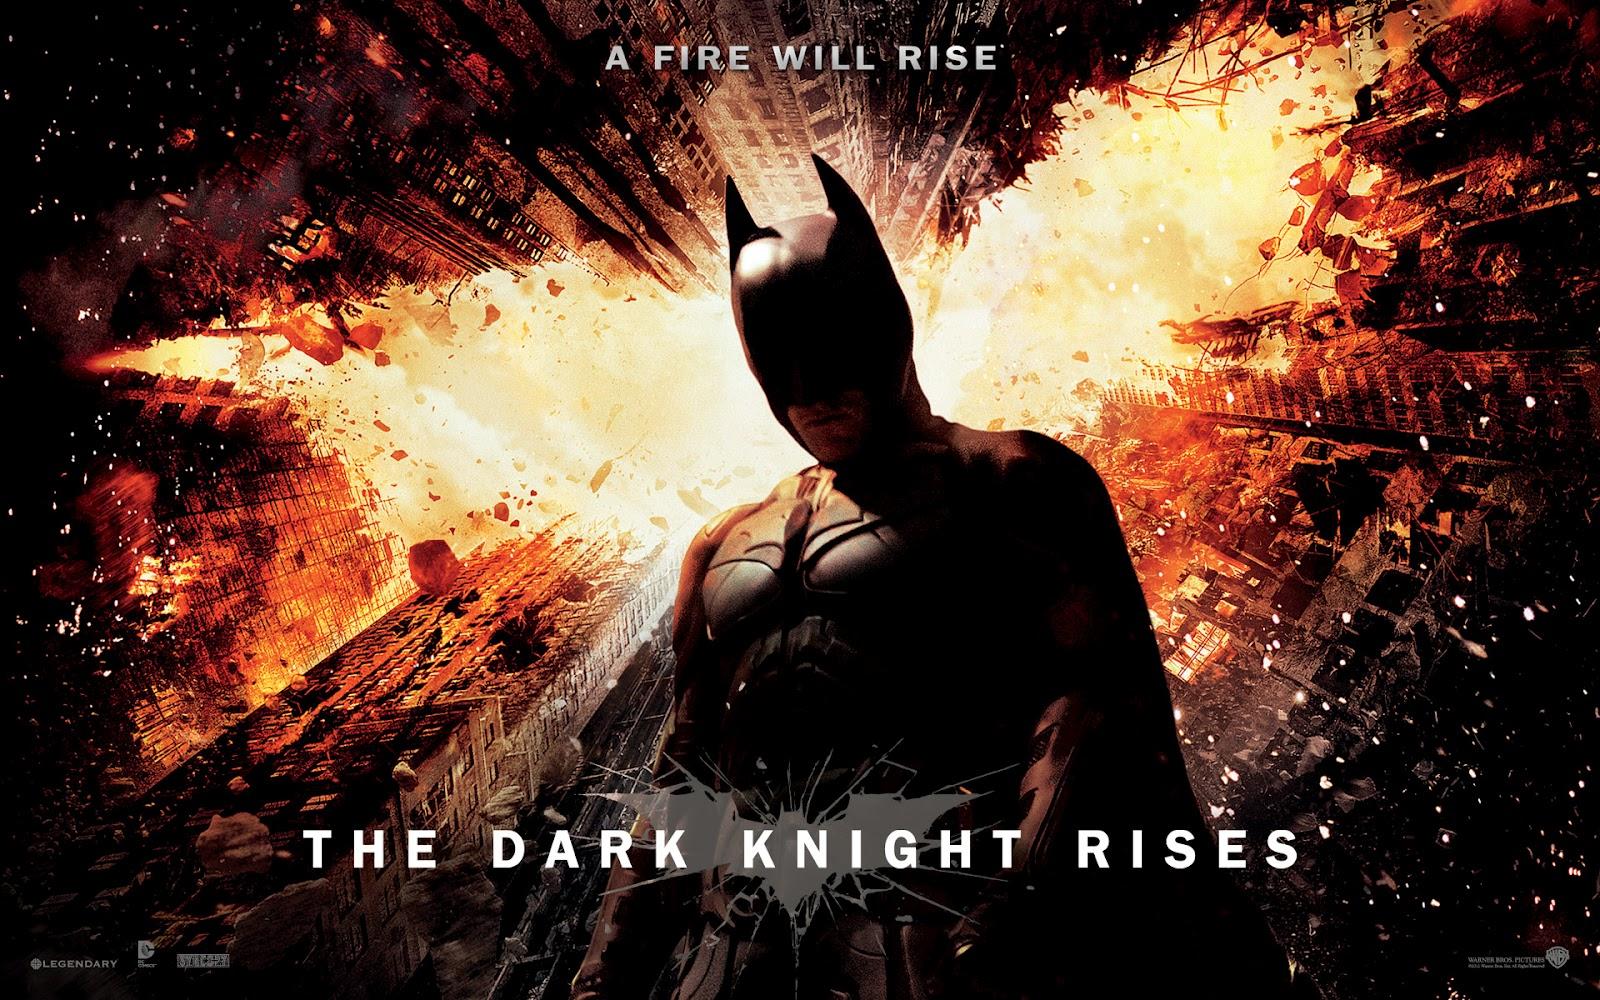 Harvey Dent (İki yüzlü) - Batmanla ilgili filmlerin karakteri